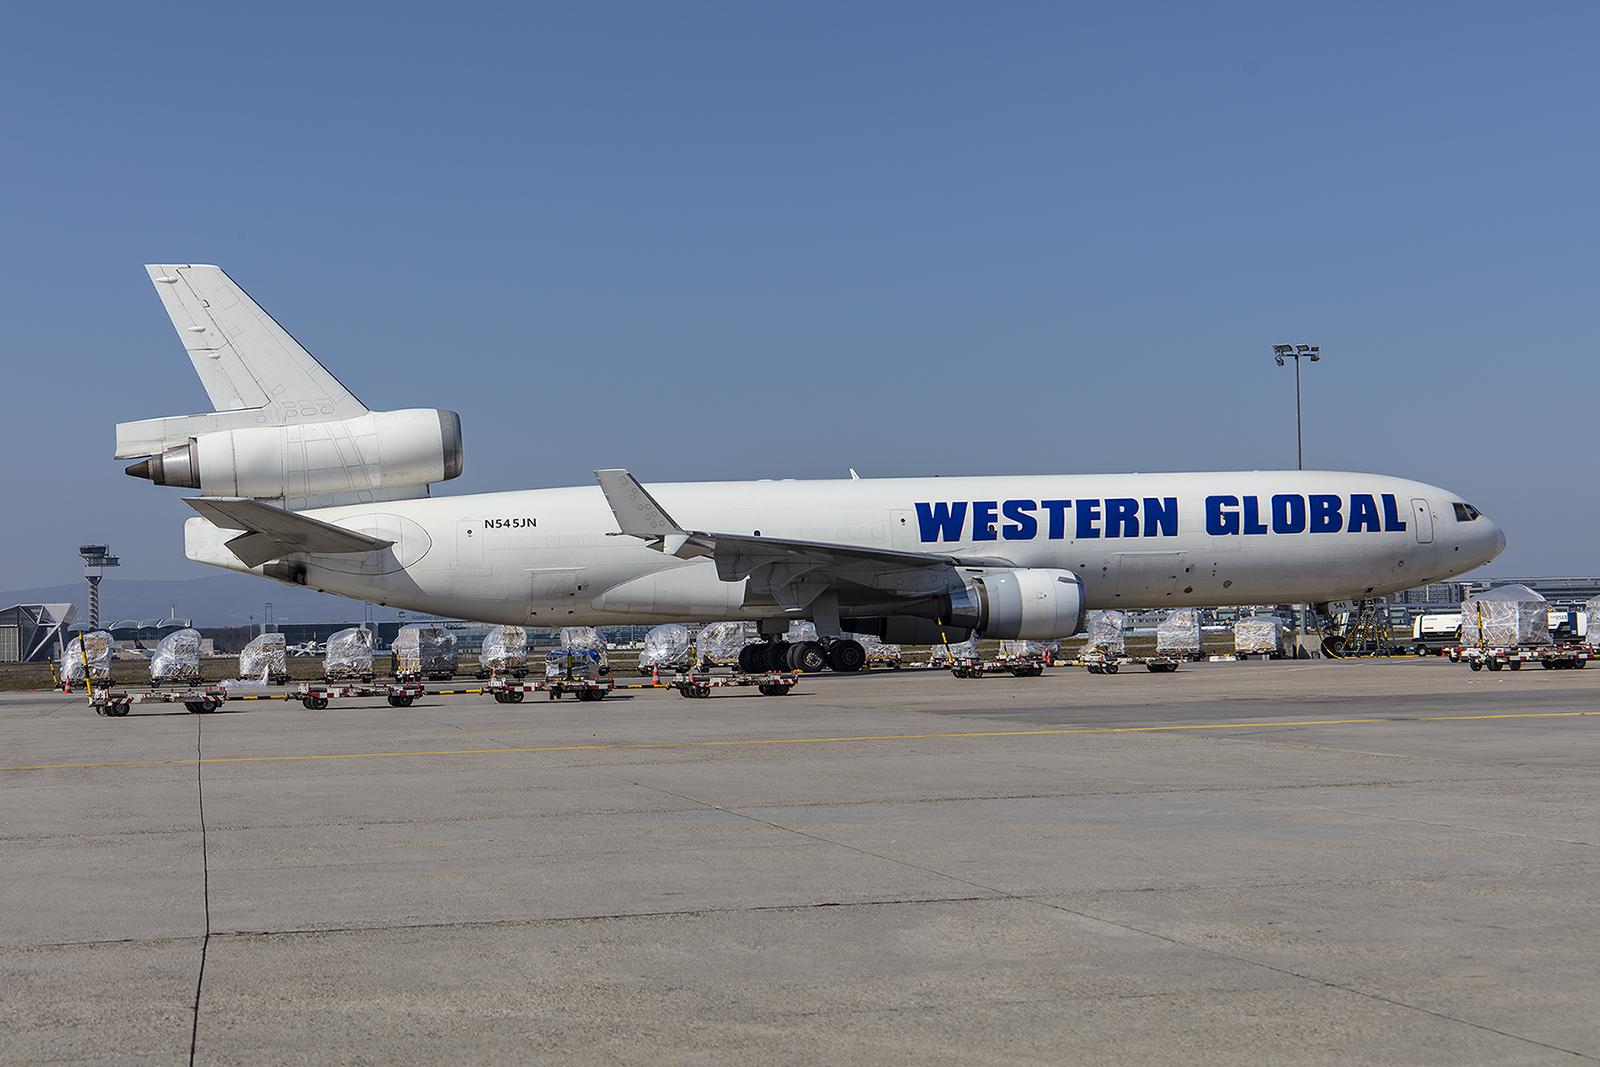 Western Global kam fast täglich mit seinen MD-11.